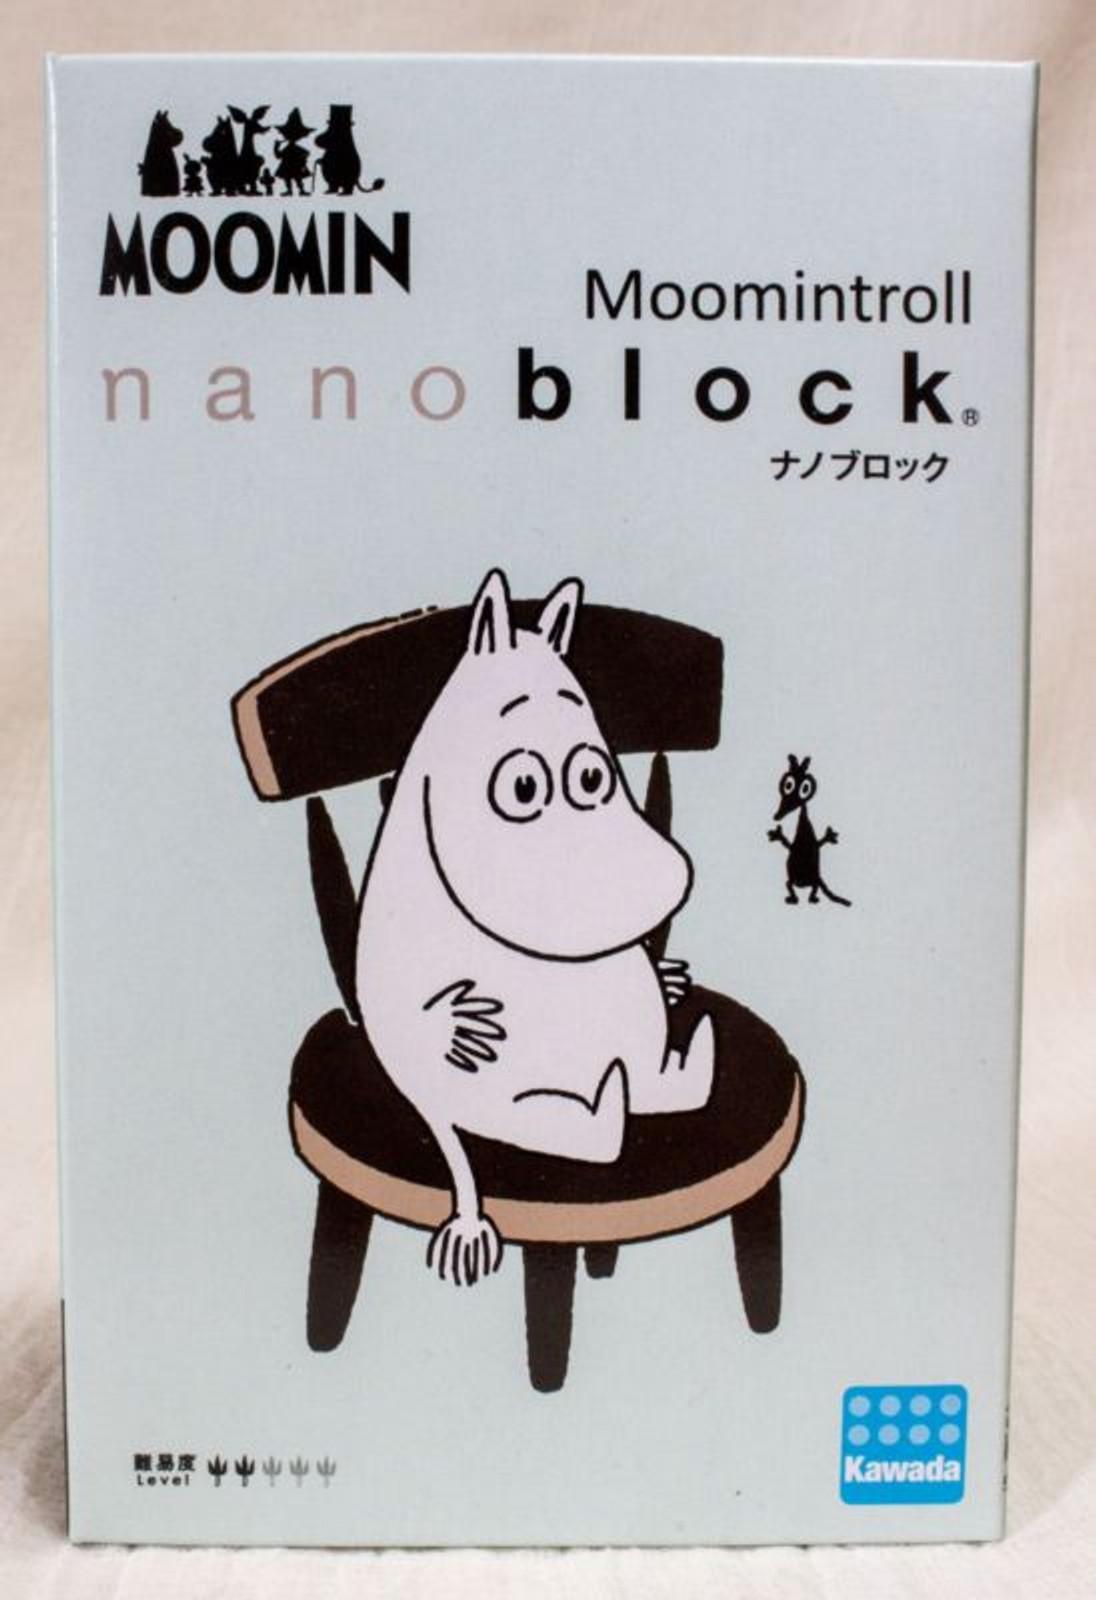 Moomin Troll Kawada Nanoblock Nano Block MOM-043 JAPAN